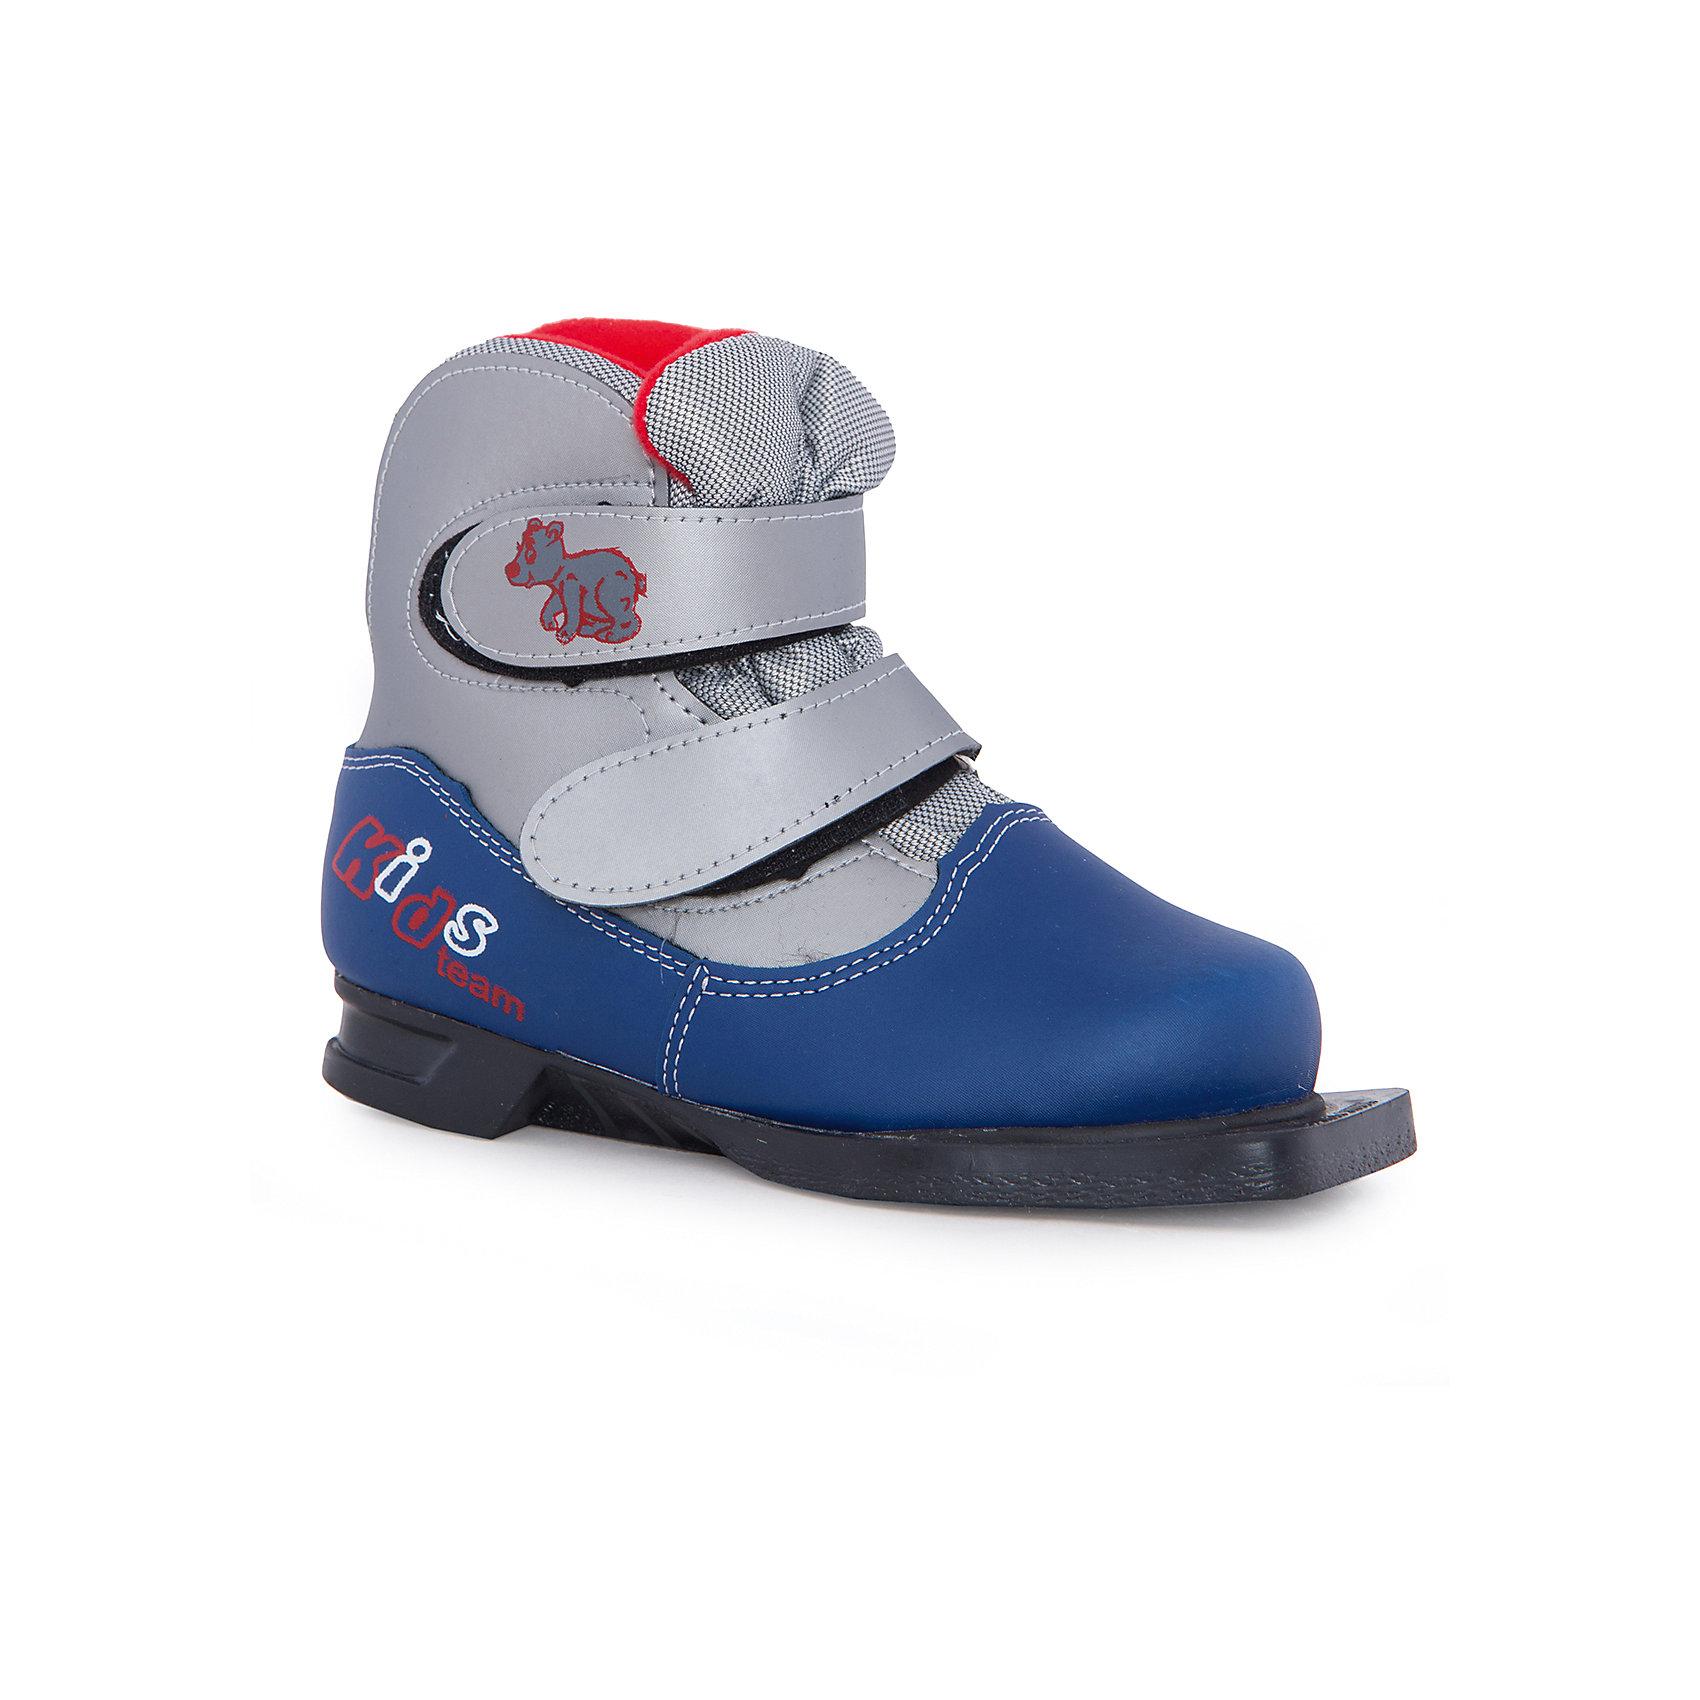 Ботинки лыжные NN75, МАРАКС, синий-сереброЛыжи и сноуборды<br>Детские ботинки для активного отдыха под крепления NN-75.<br>Верх - высококачественные синтетические материалы,<br>протестированные при температуре минус 25'C.<br>Внутри – утеплитель из искусственного меха. <br>Язычок ботинка с защитой от попадания снега и отсутствие шнурков – идеальное решение для<br>юных лыжников. <br>Термопластичный анатомический задник. <br>Подошва - ТЭП<br>Цвета: серый/желтый<br>Размер: 30<br>Срана-производитель: Россия<br><br>Ширина мм: 220<br>Глубина мм: 110<br>Высота мм: 300<br>Вес г: 815<br>Цвет: белый<br>Возраст от месяцев: 72<br>Возраст до месяцев: 84<br>Пол: Унисекс<br>Возраст: Детский<br>Размер: 30,33,31,32<br>SKU: 5204706